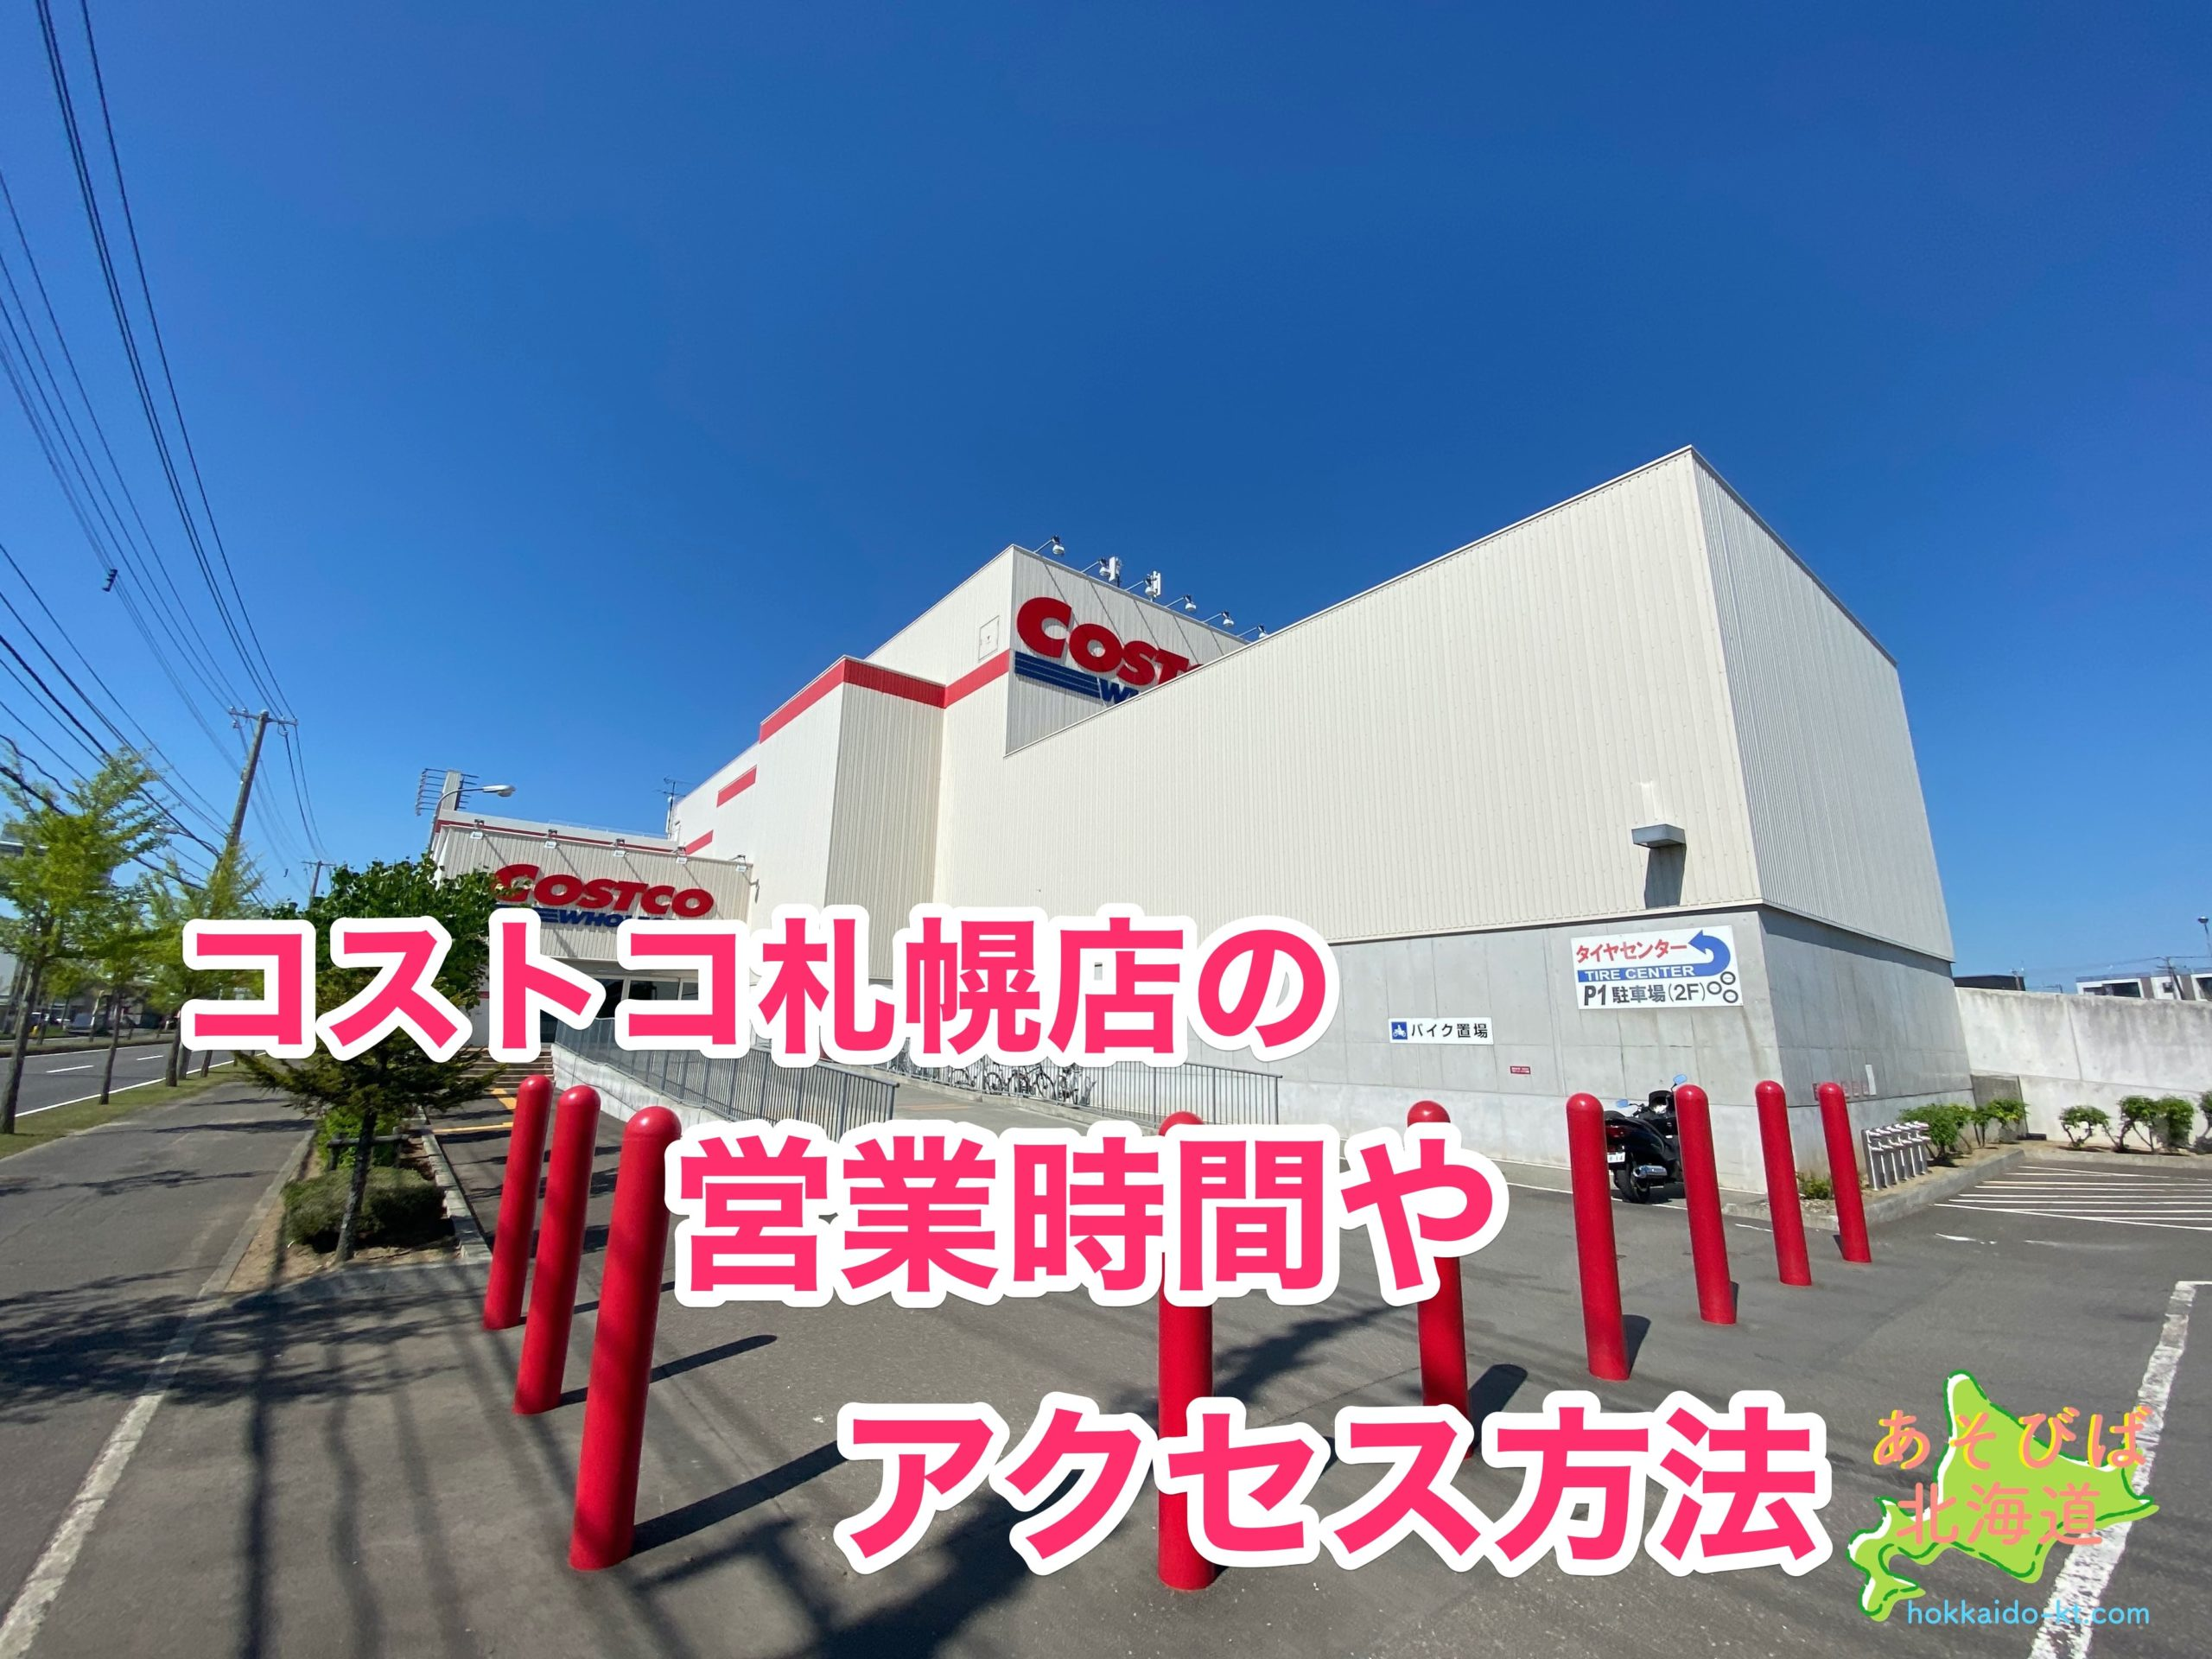 コストコ札幌営業時間アクセス